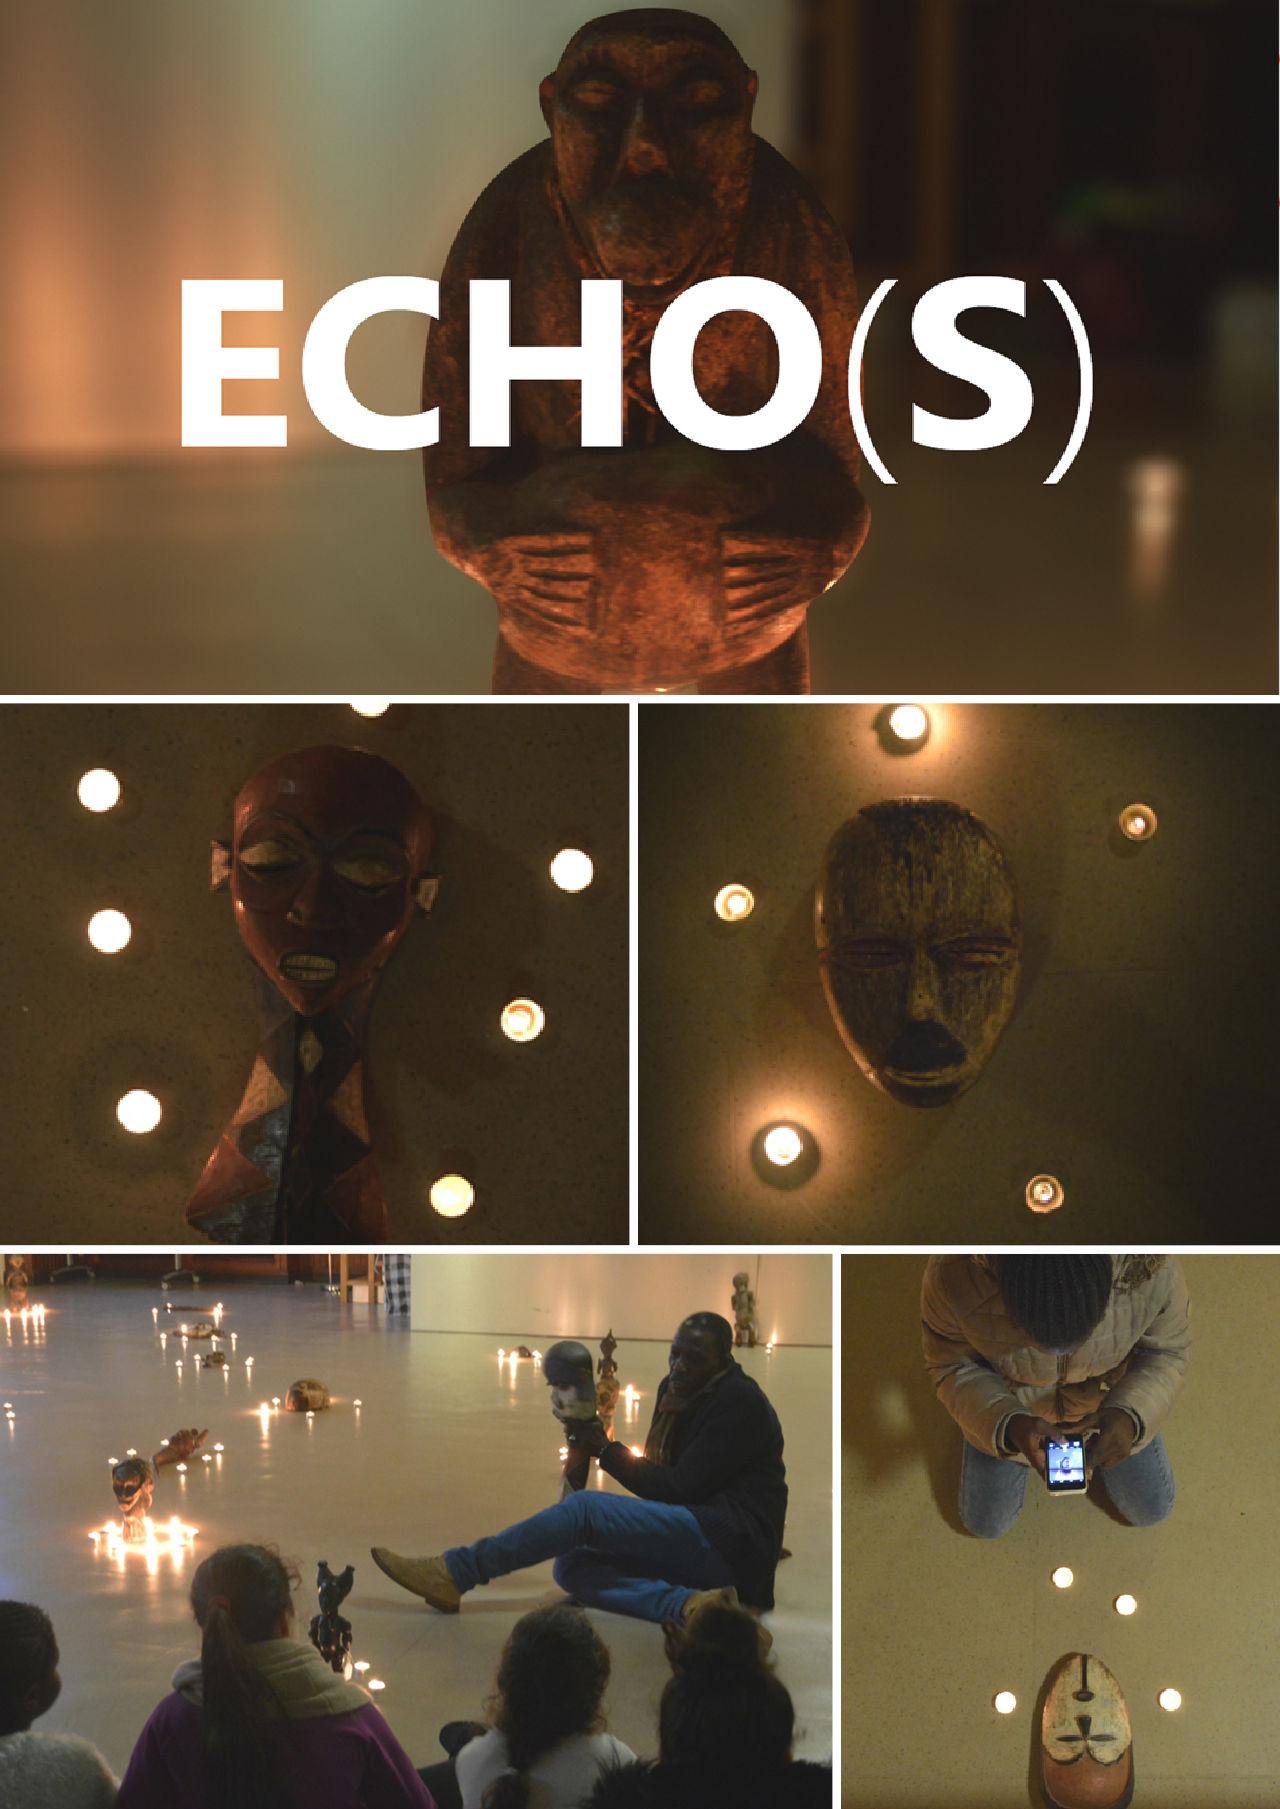 Echo(s)